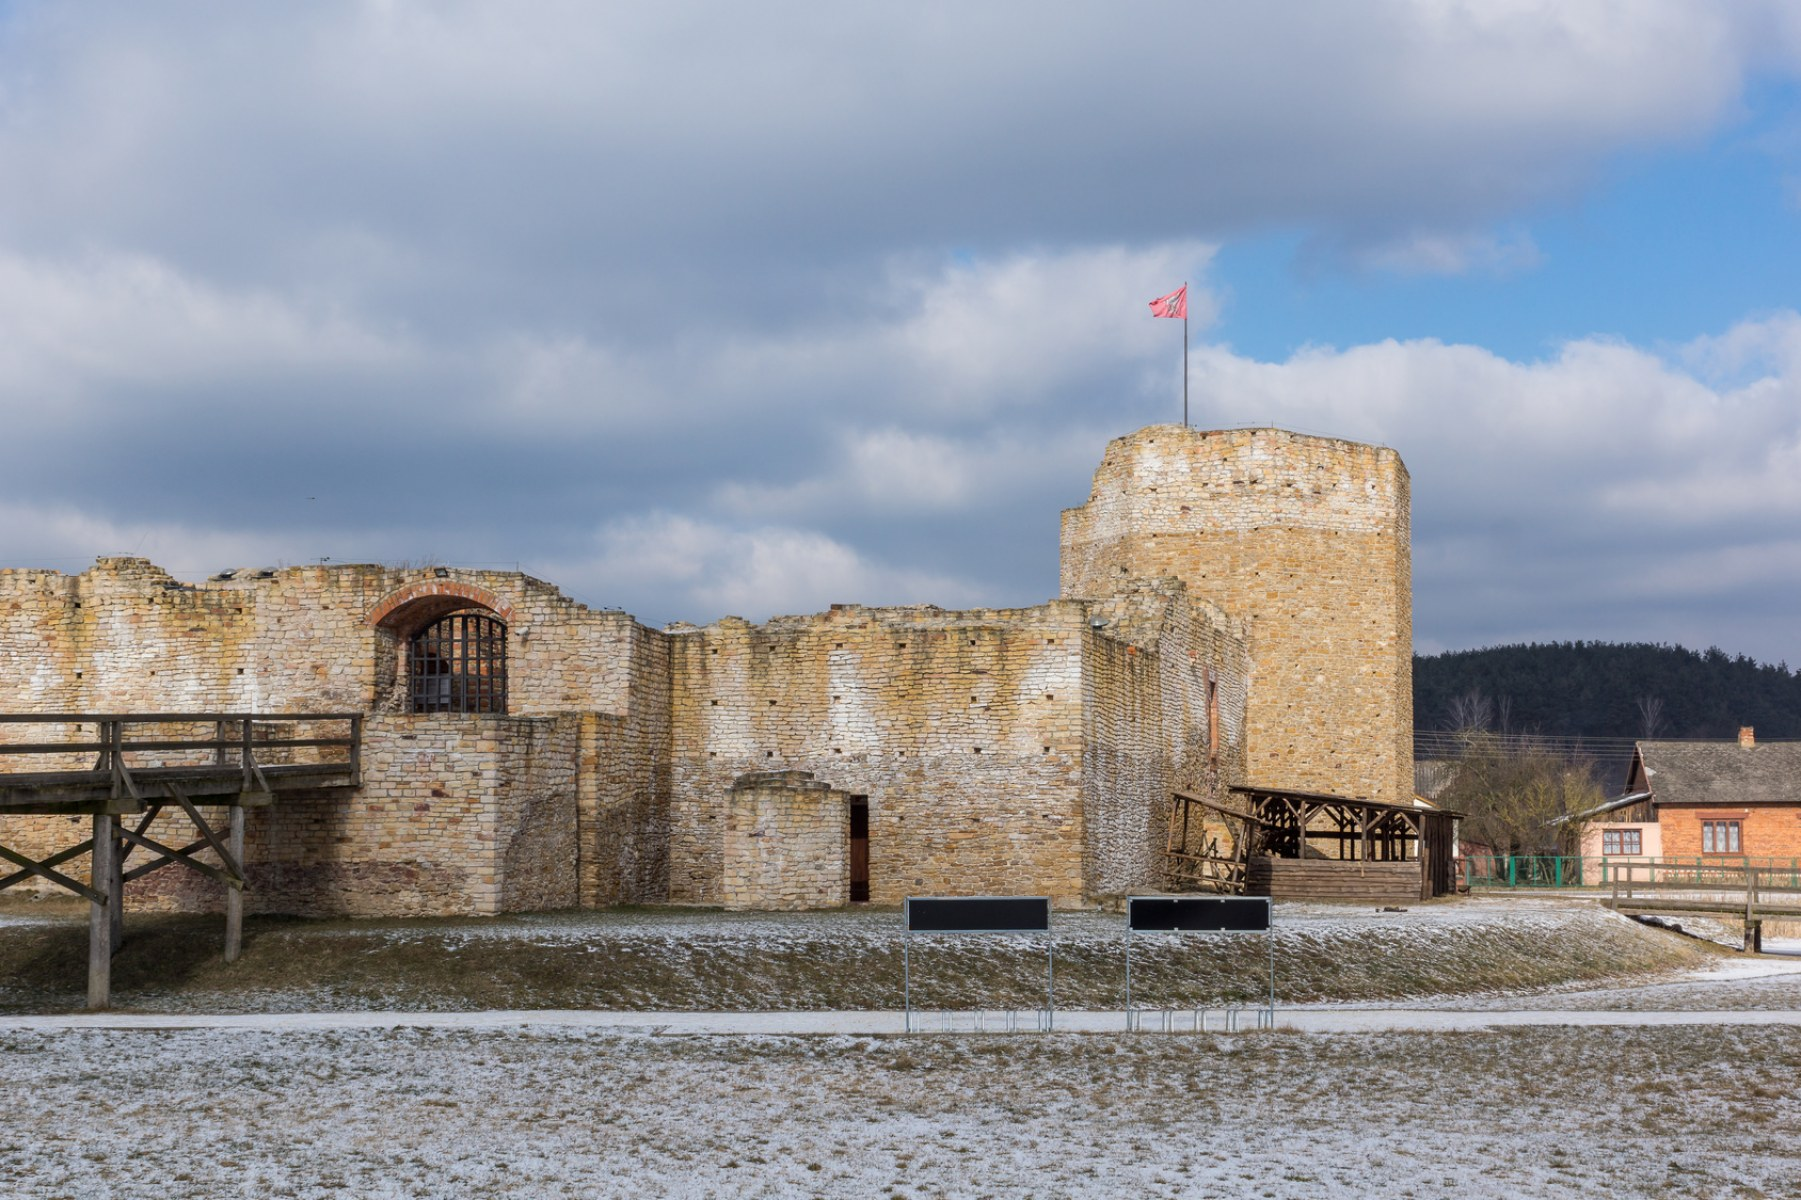 Старинные польские замки бесплатно: 8 лучших предложений